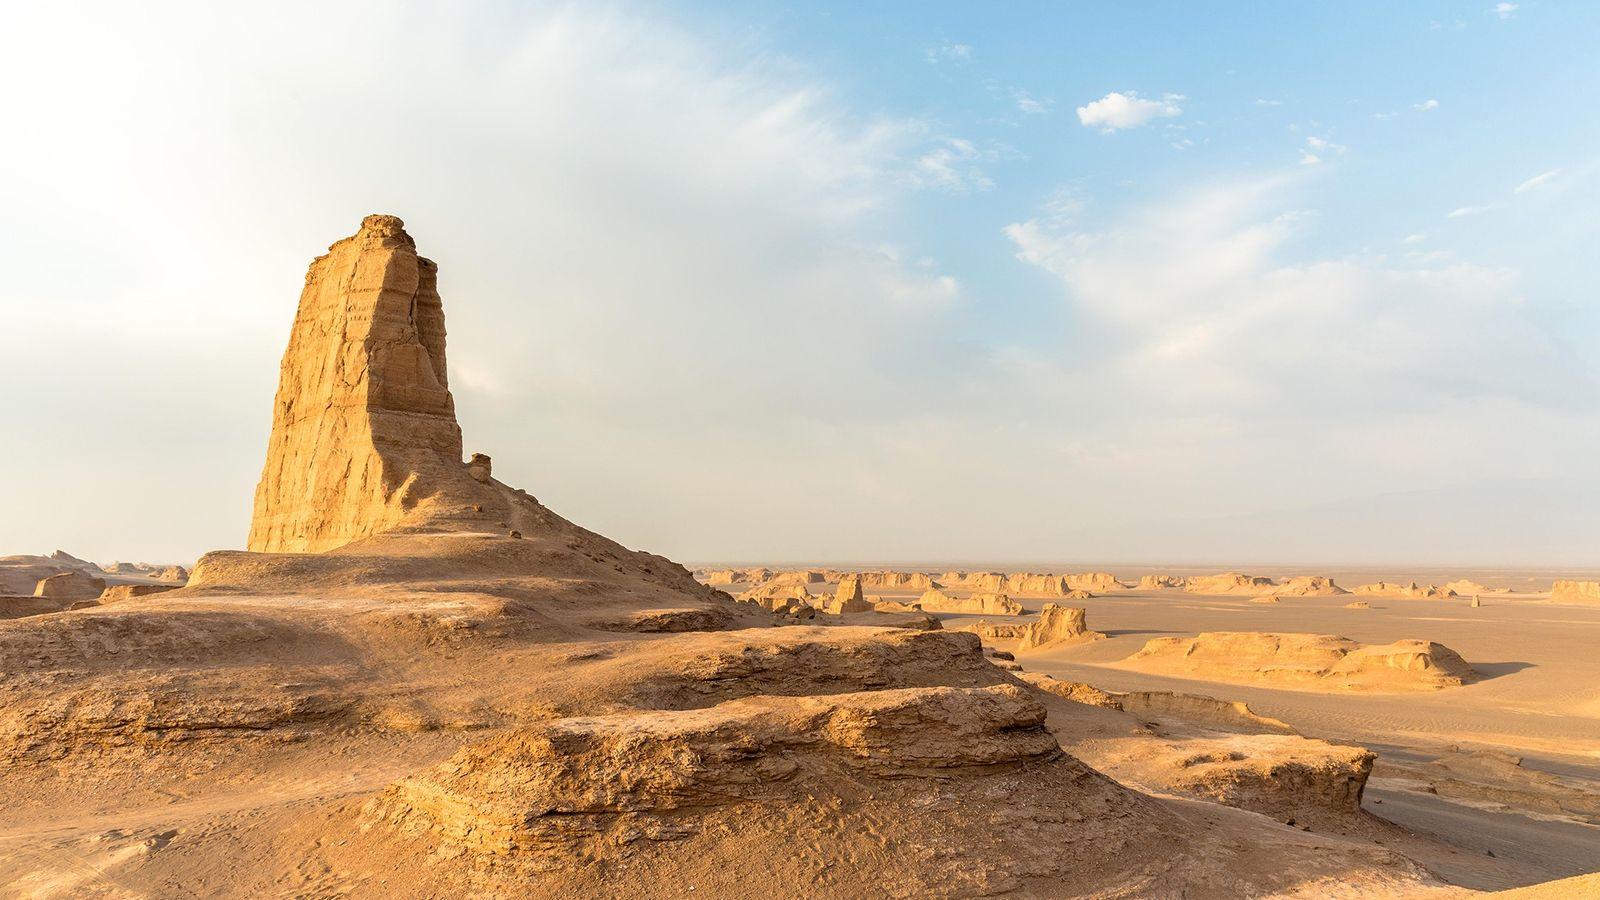 Une formation rocheuse s'élève du désert en Iran, à Dasht-e Lut.